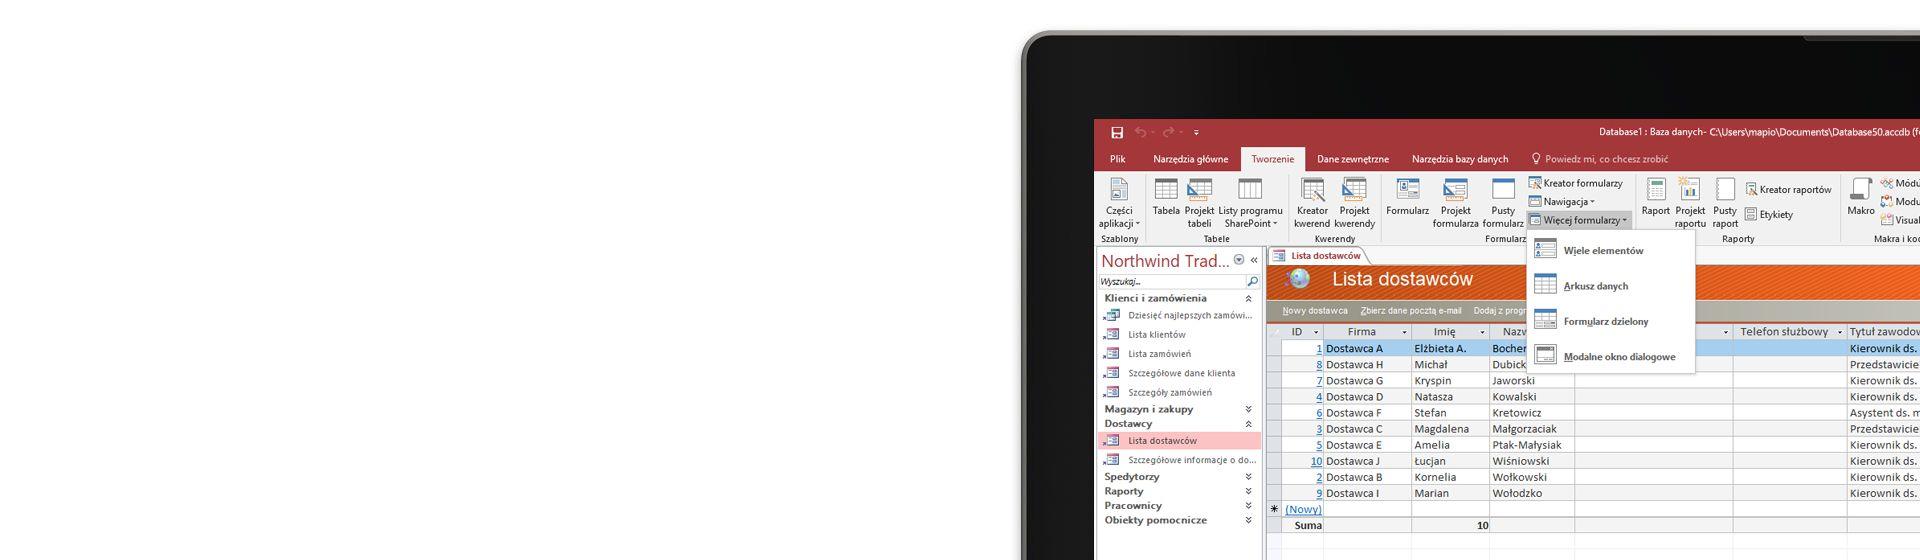 Fragment ekranu komputera z wyświetloną listą dostawców w bazie danych programu Microsoft Access.